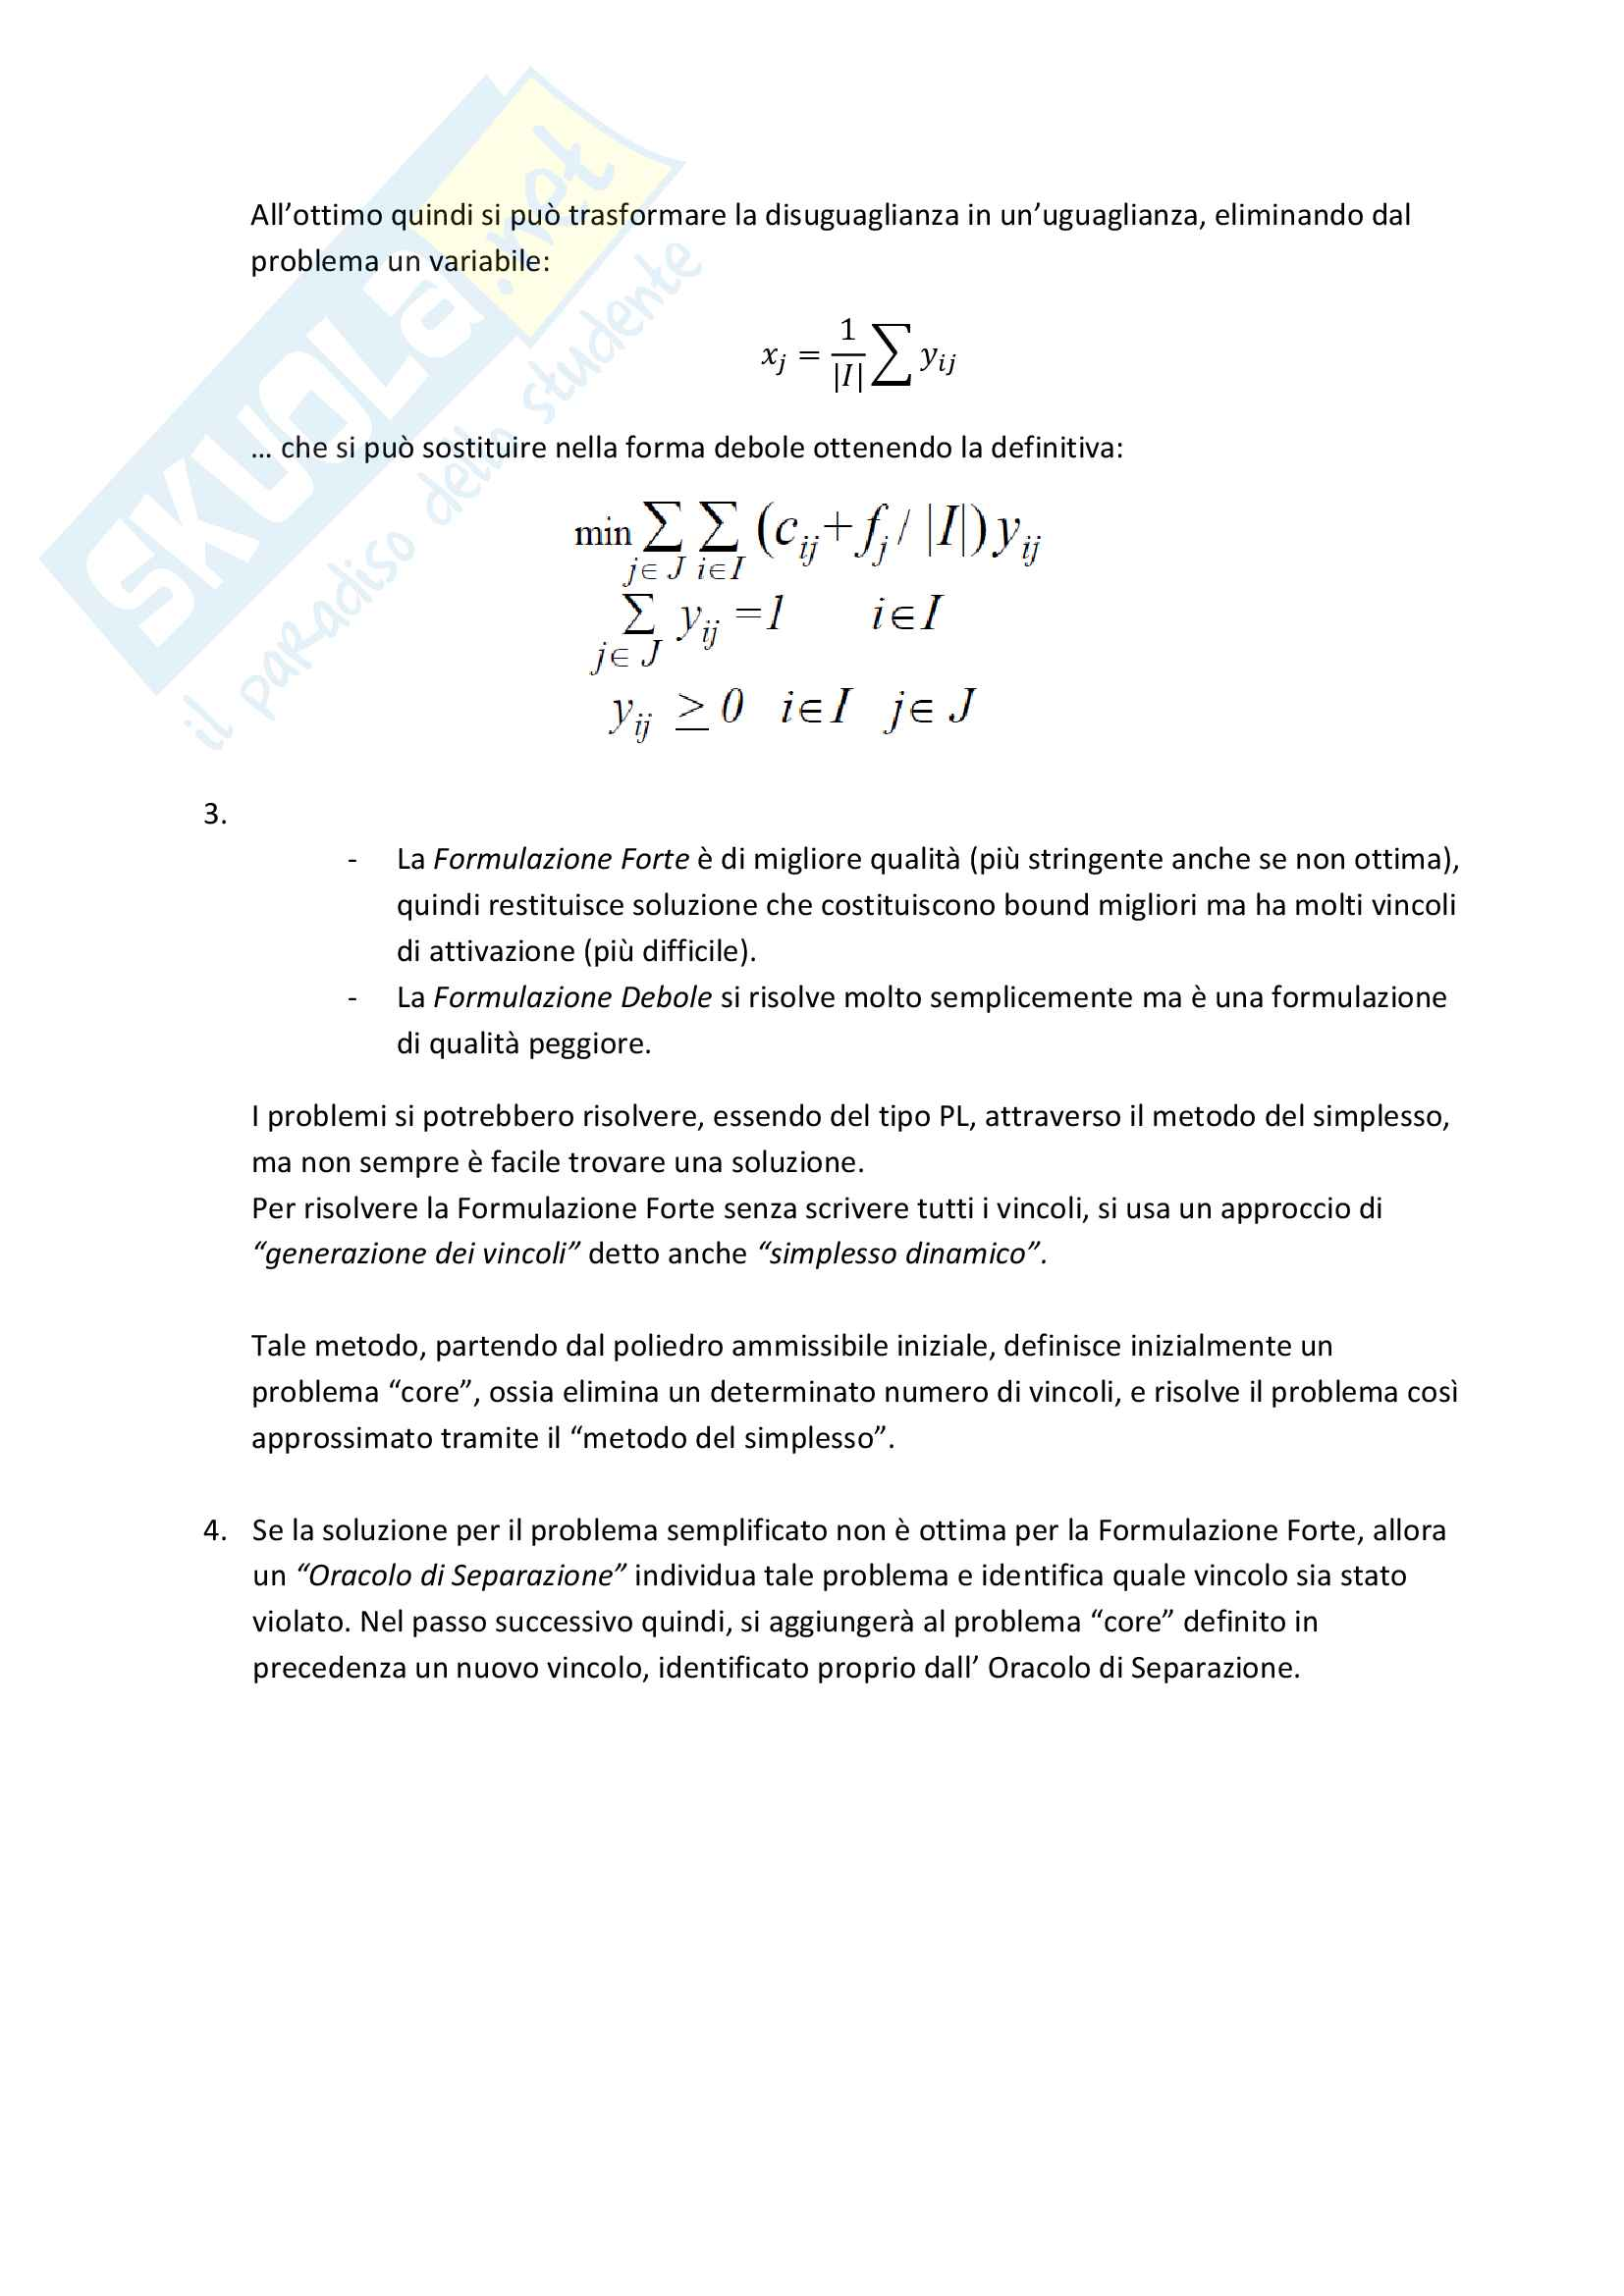 Appunti Ottimizzazione Combinatoria Gestionale, Sapienza Pag. 26